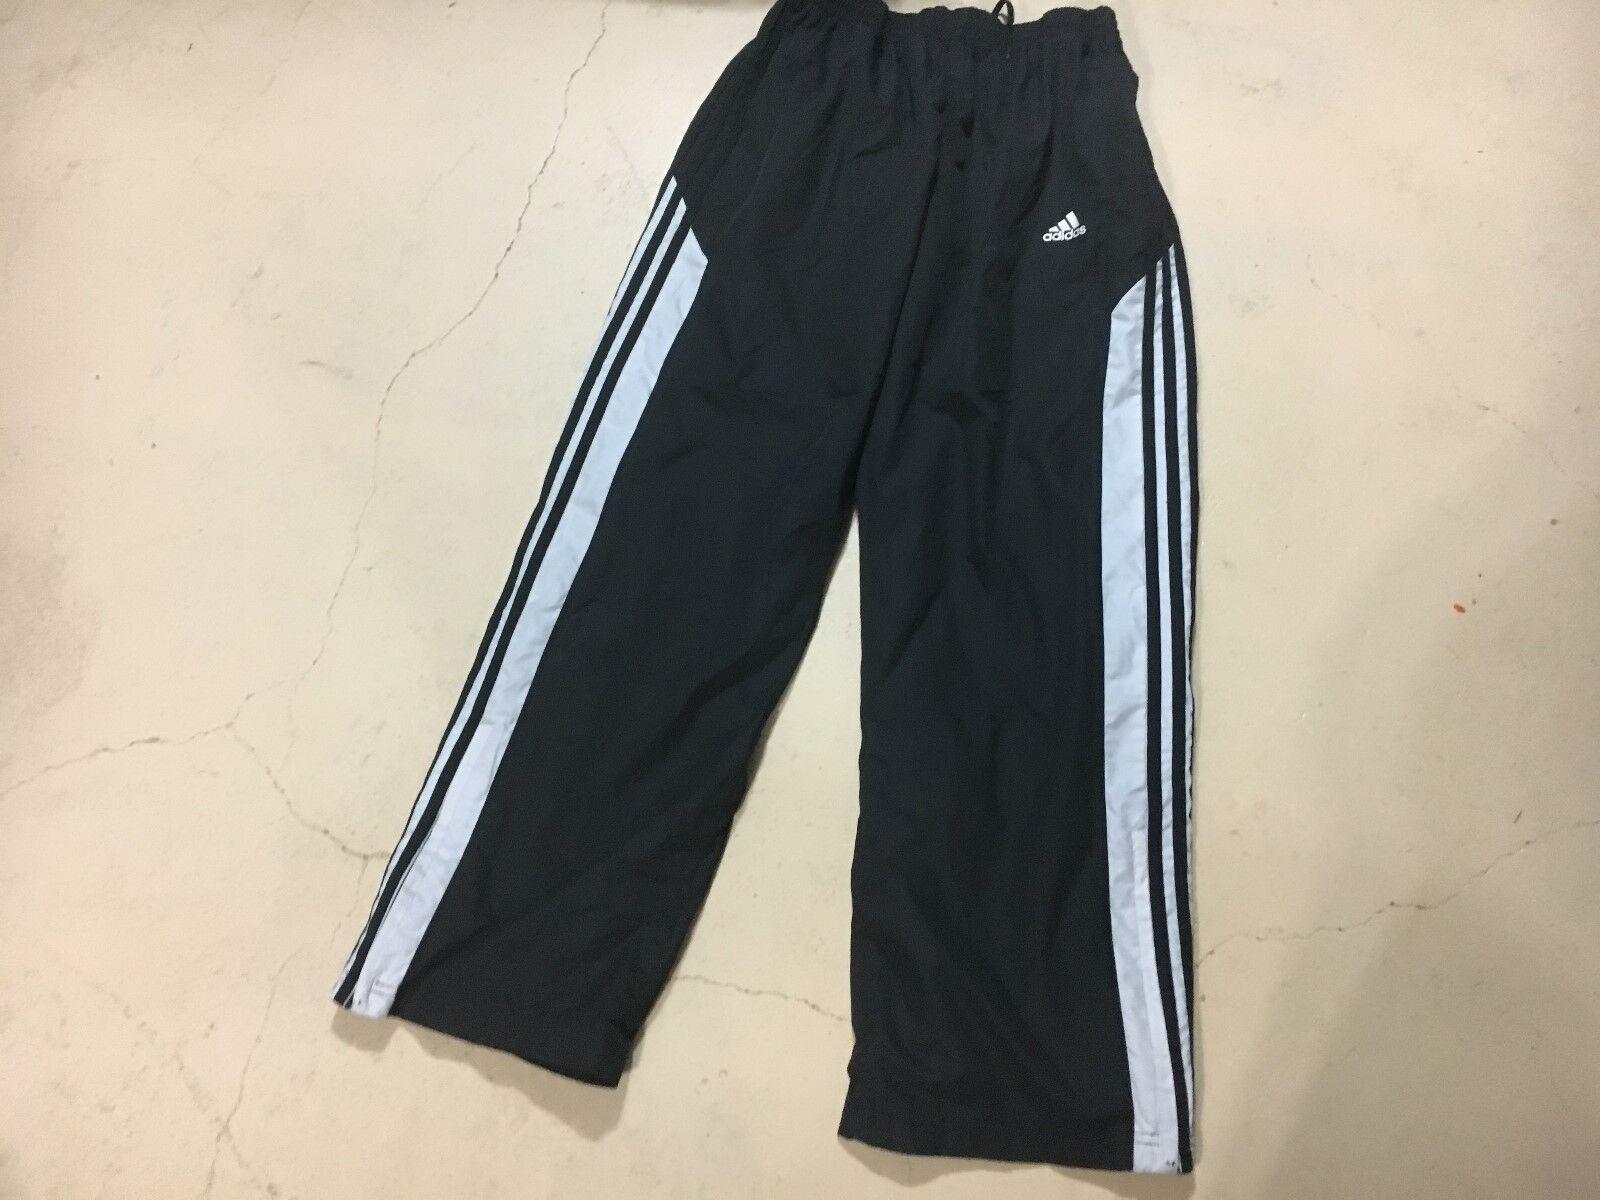 Adidas Hommes Noir & amp;Pantalon blanc.Taille Large / XL LIVRAISON GRATUITE